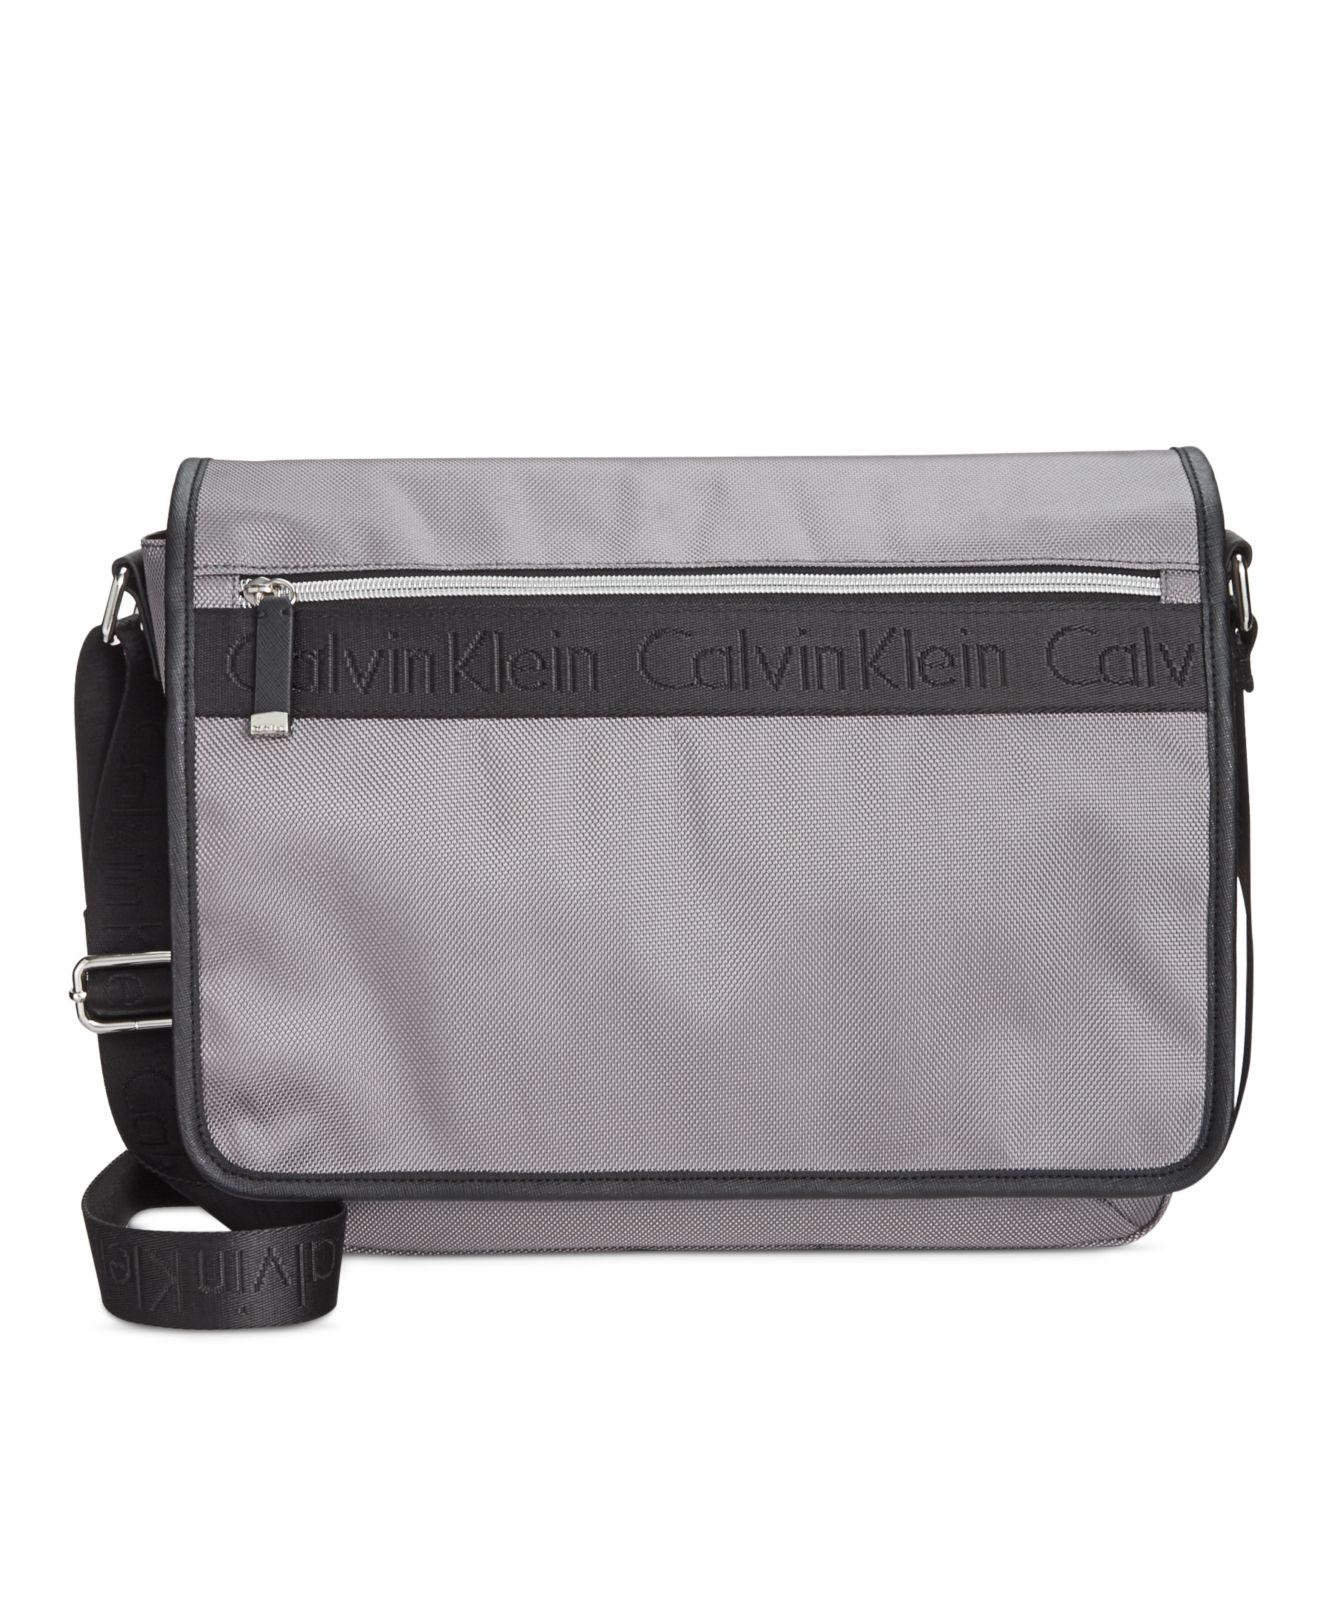 Lyst - Calvin Klein Ballistic Nylon Messenger in Black f6e63b9259